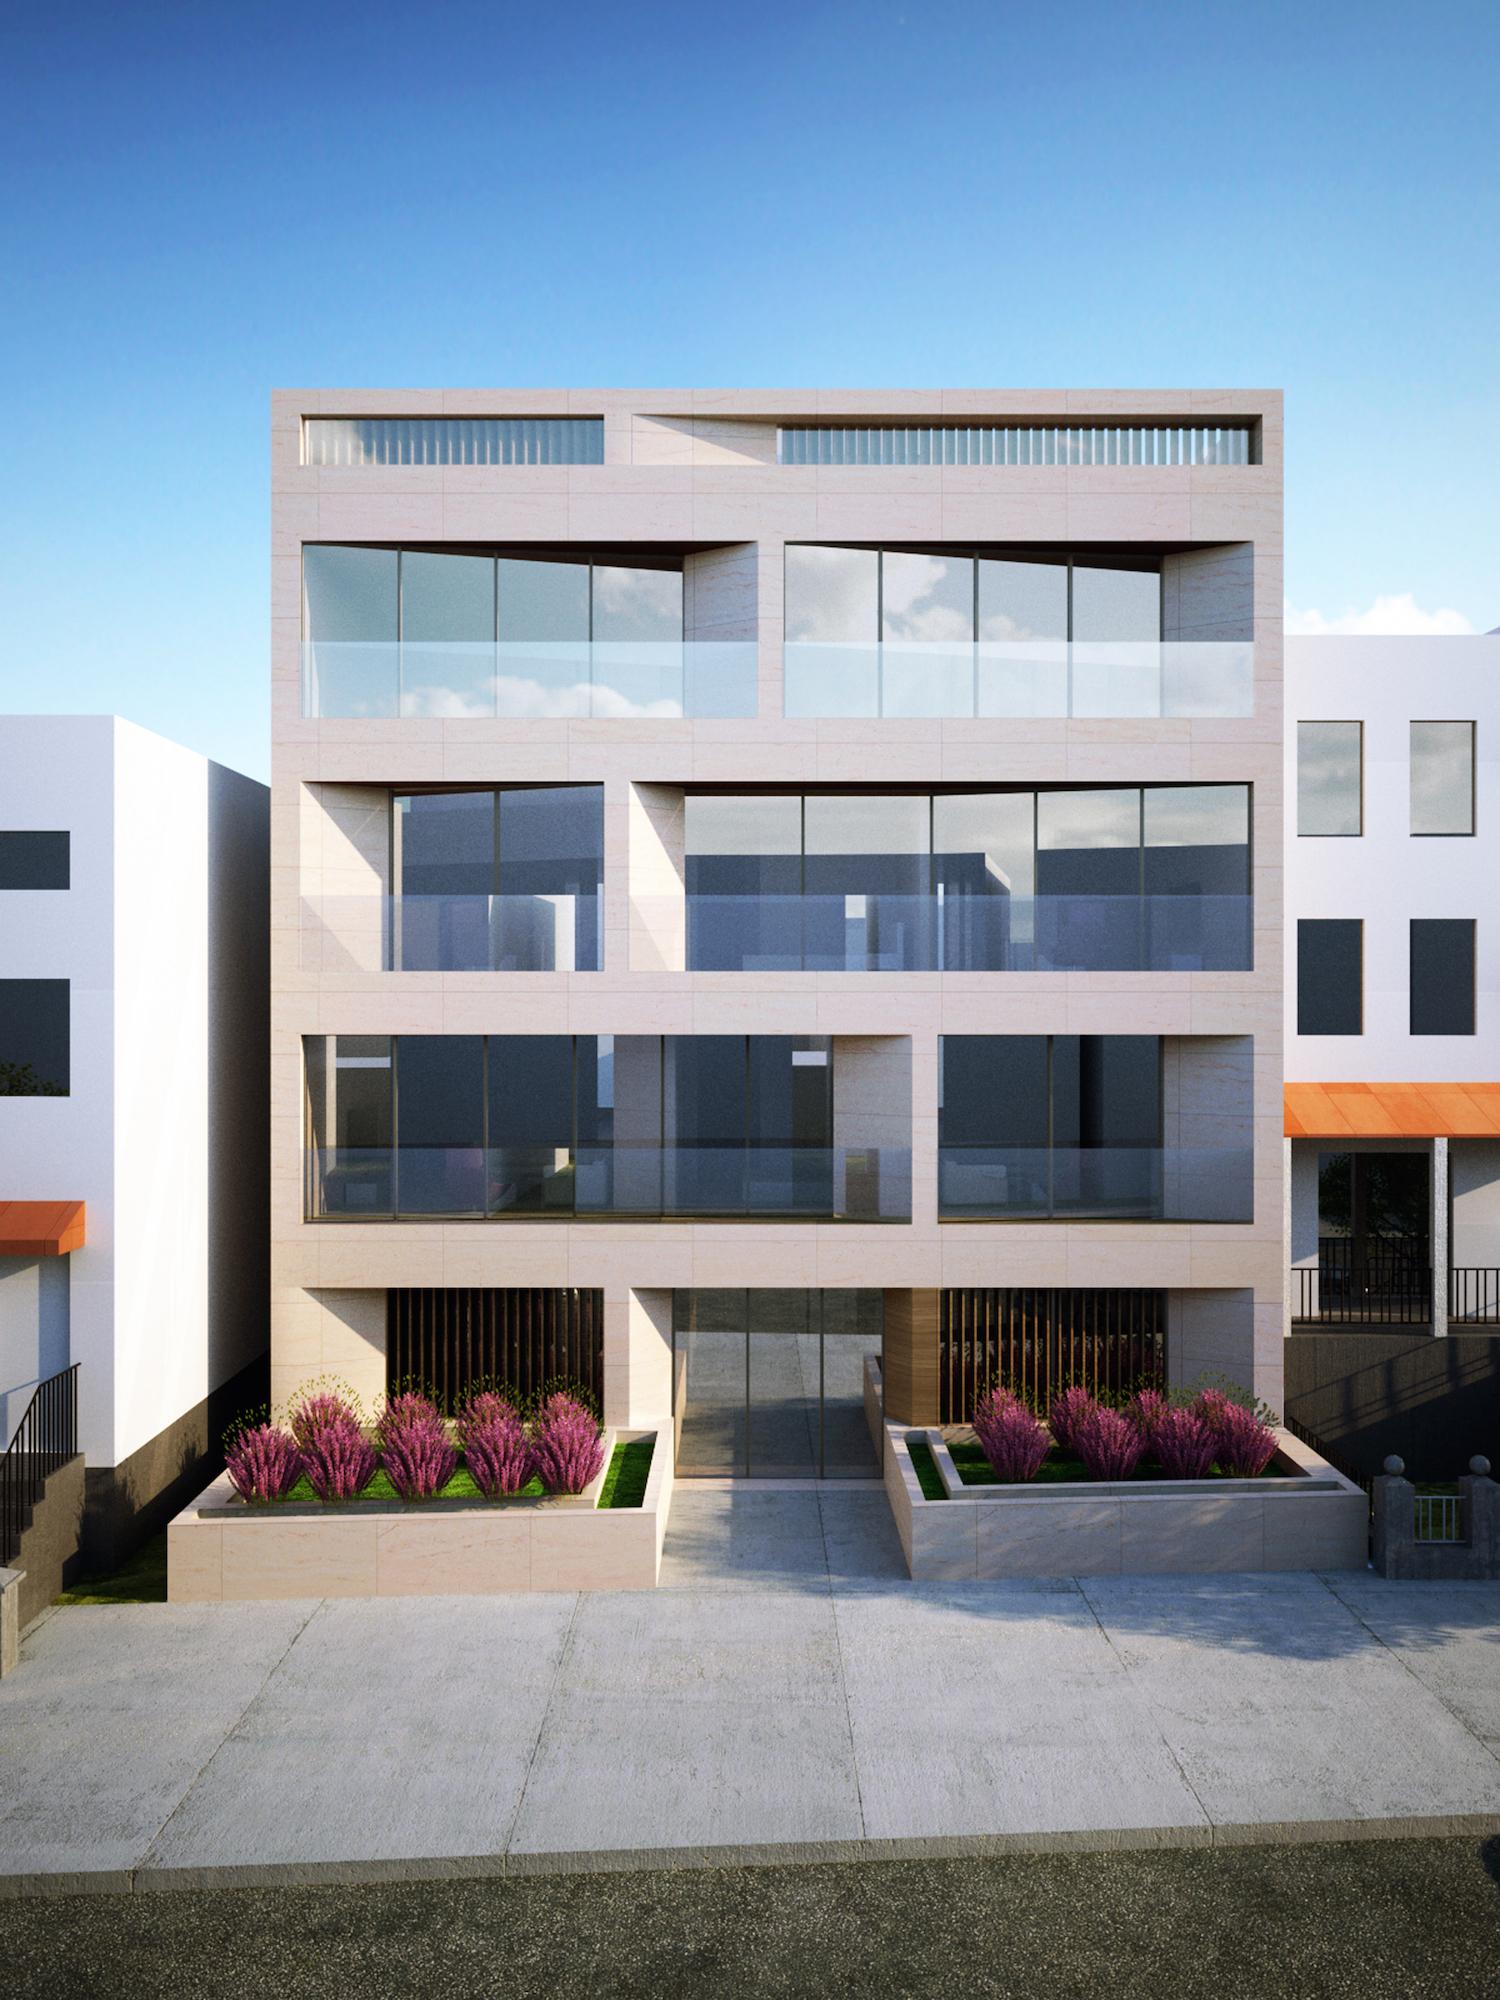 95 Ainslie Street, rendering via Investmates